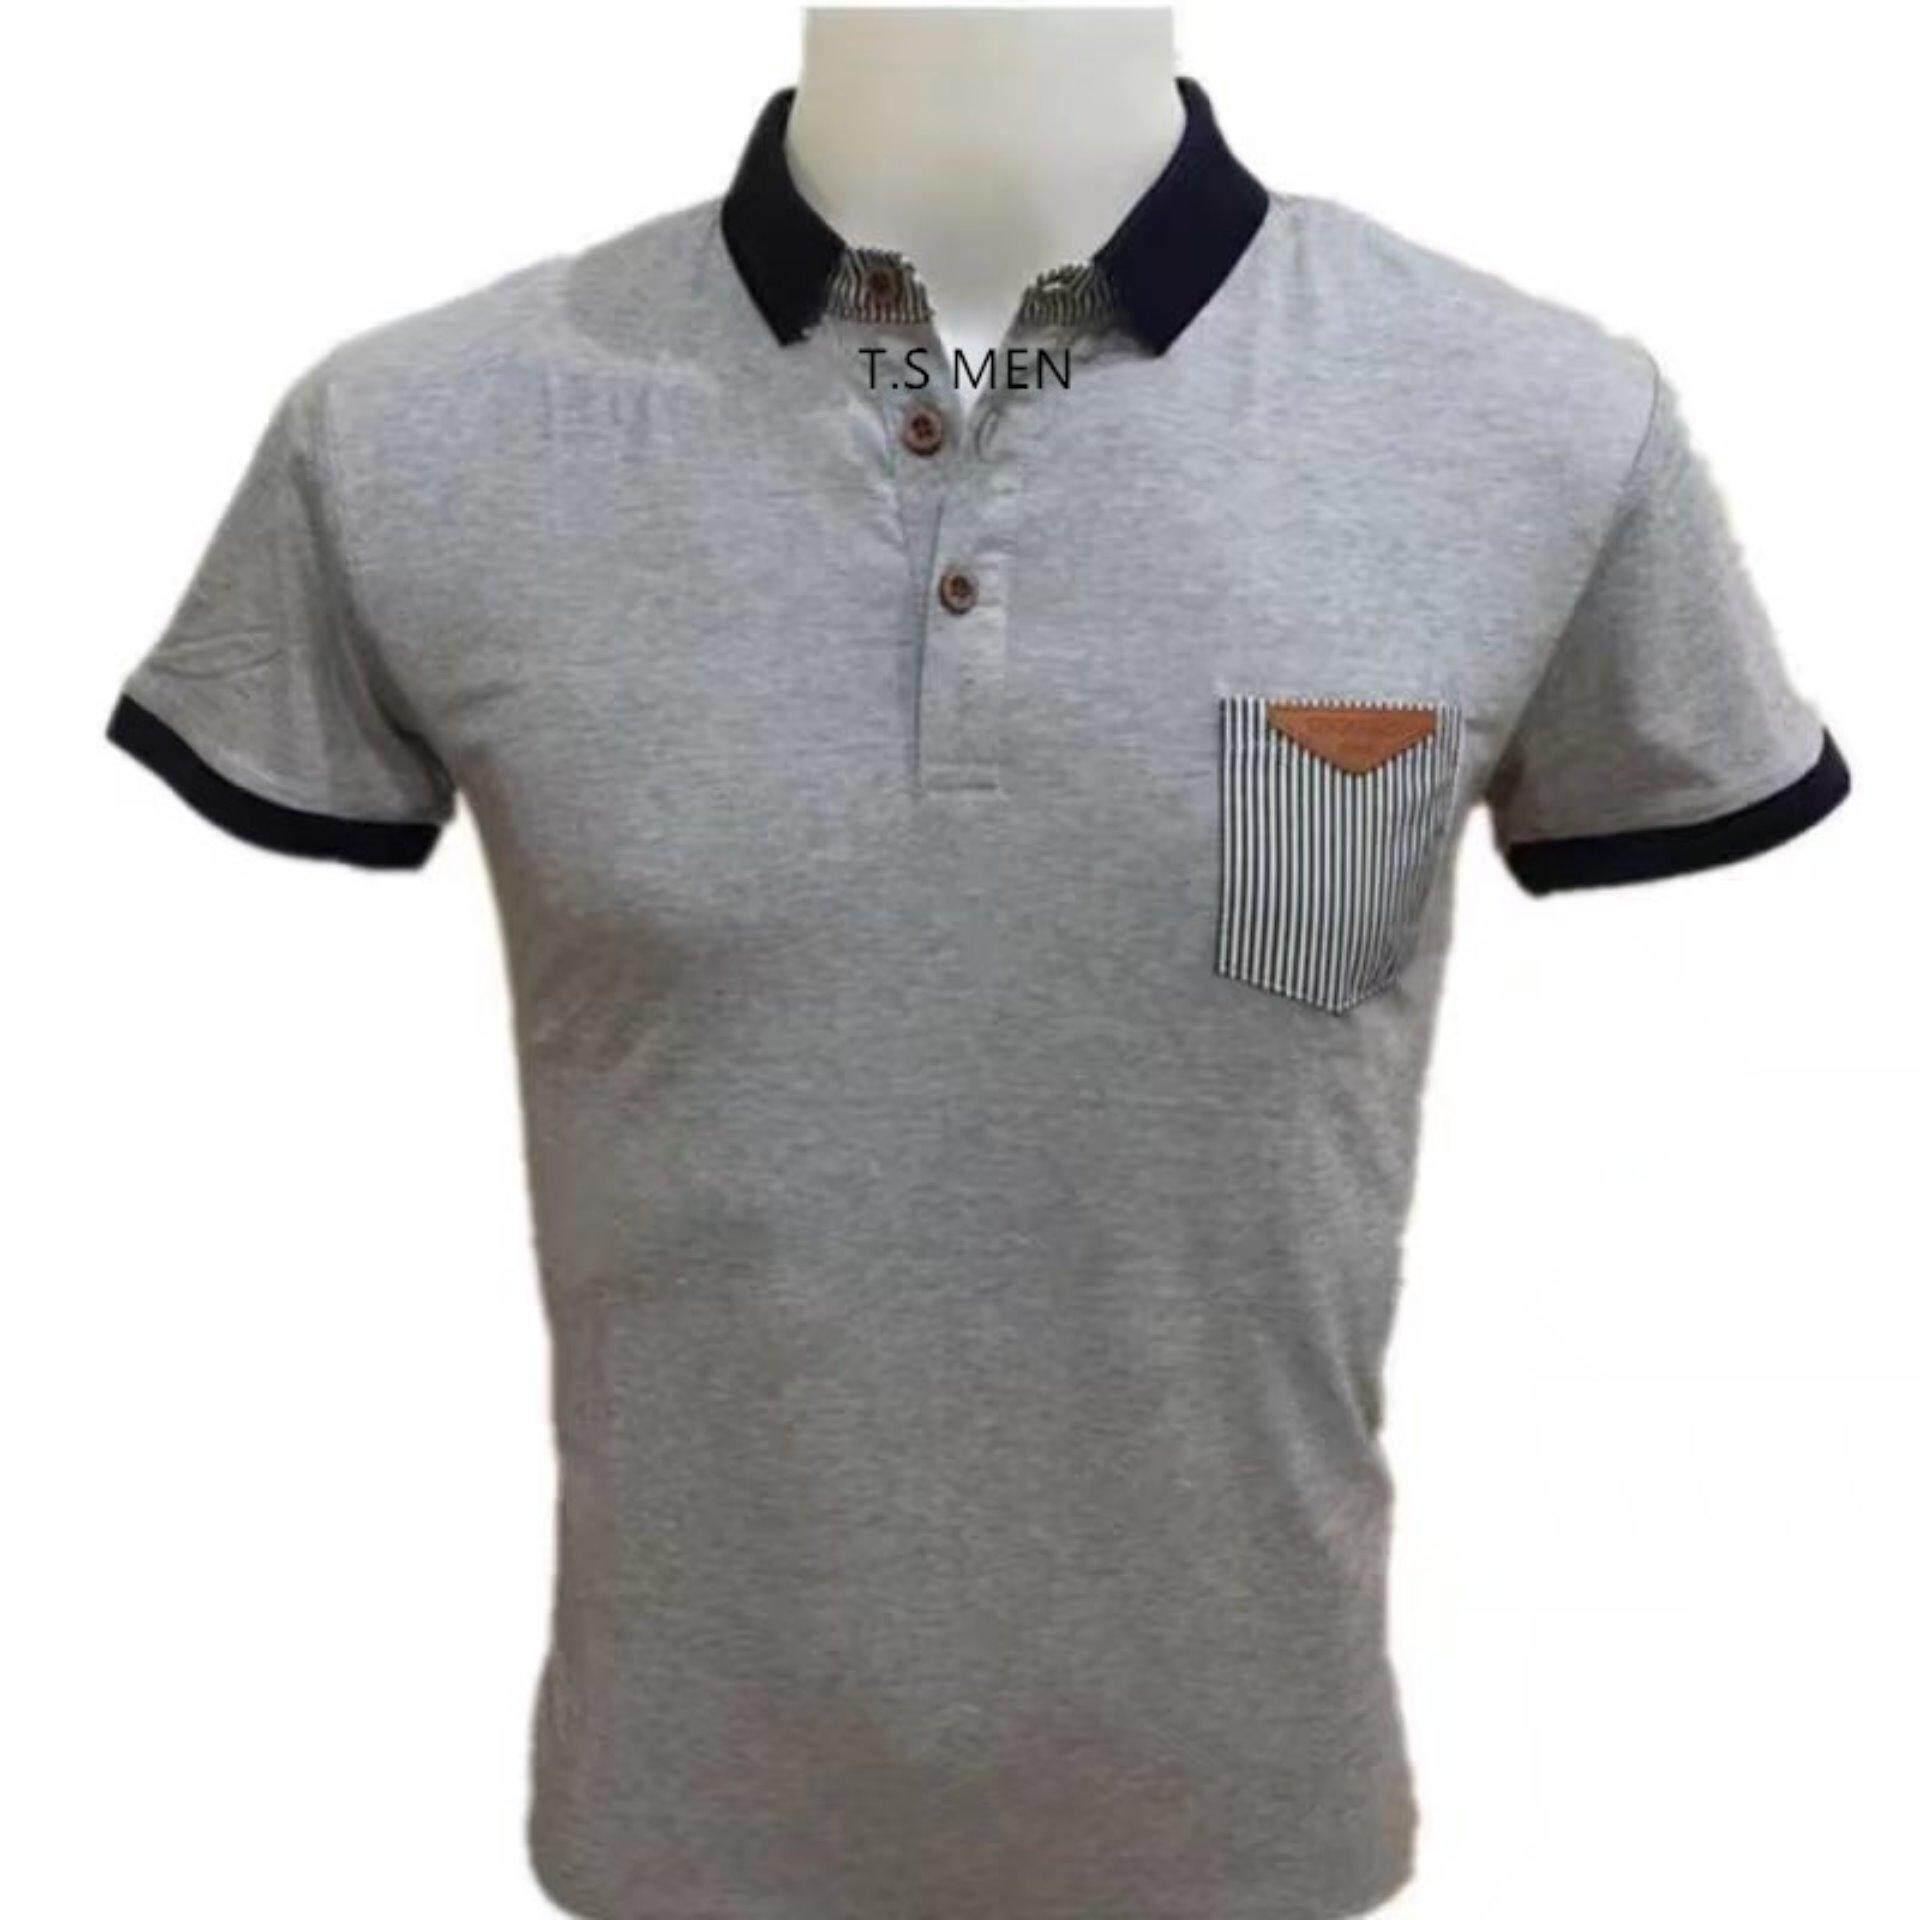 ราคา เสื้อยืดผู้ชายMen S T Shirtเสื้อยืดแฟชั่นผู้ชาย Polo Shirtเสื้อโปโล เป็นต้นฉบับ Oemgenuine